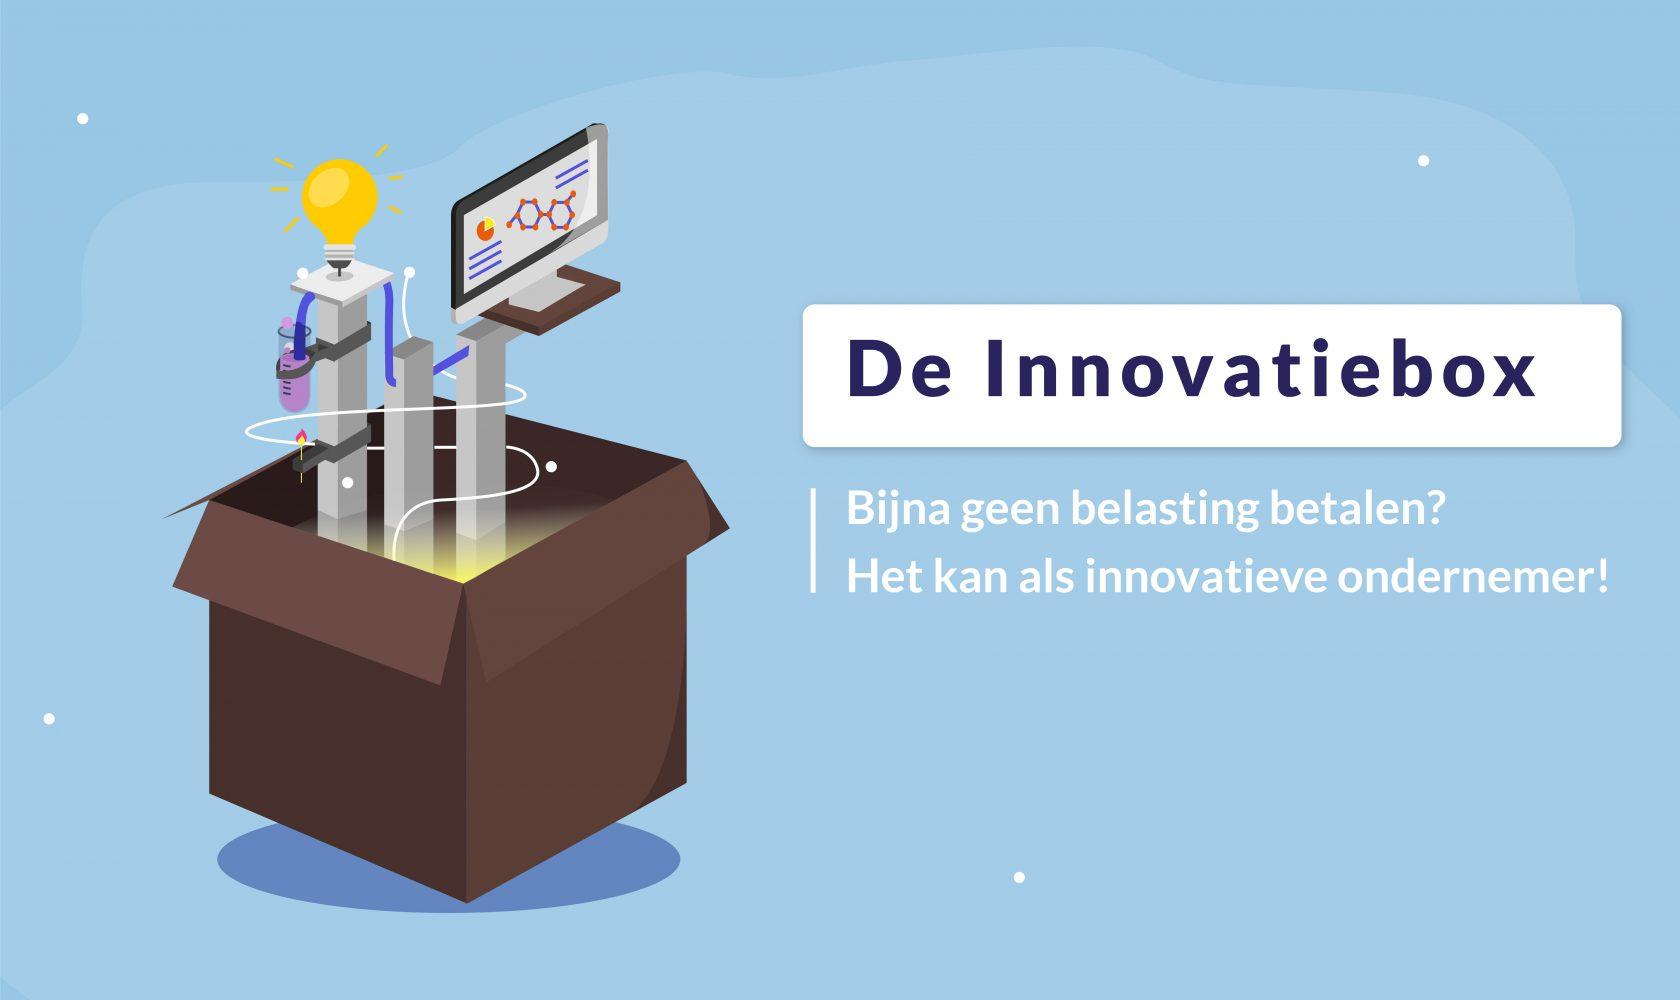 raymond, schuwer, maas, kleiberg, subsidie, subsidieadvies, belastingvoordeel, innovatiebox, voordeel, community, innovatie, technologie